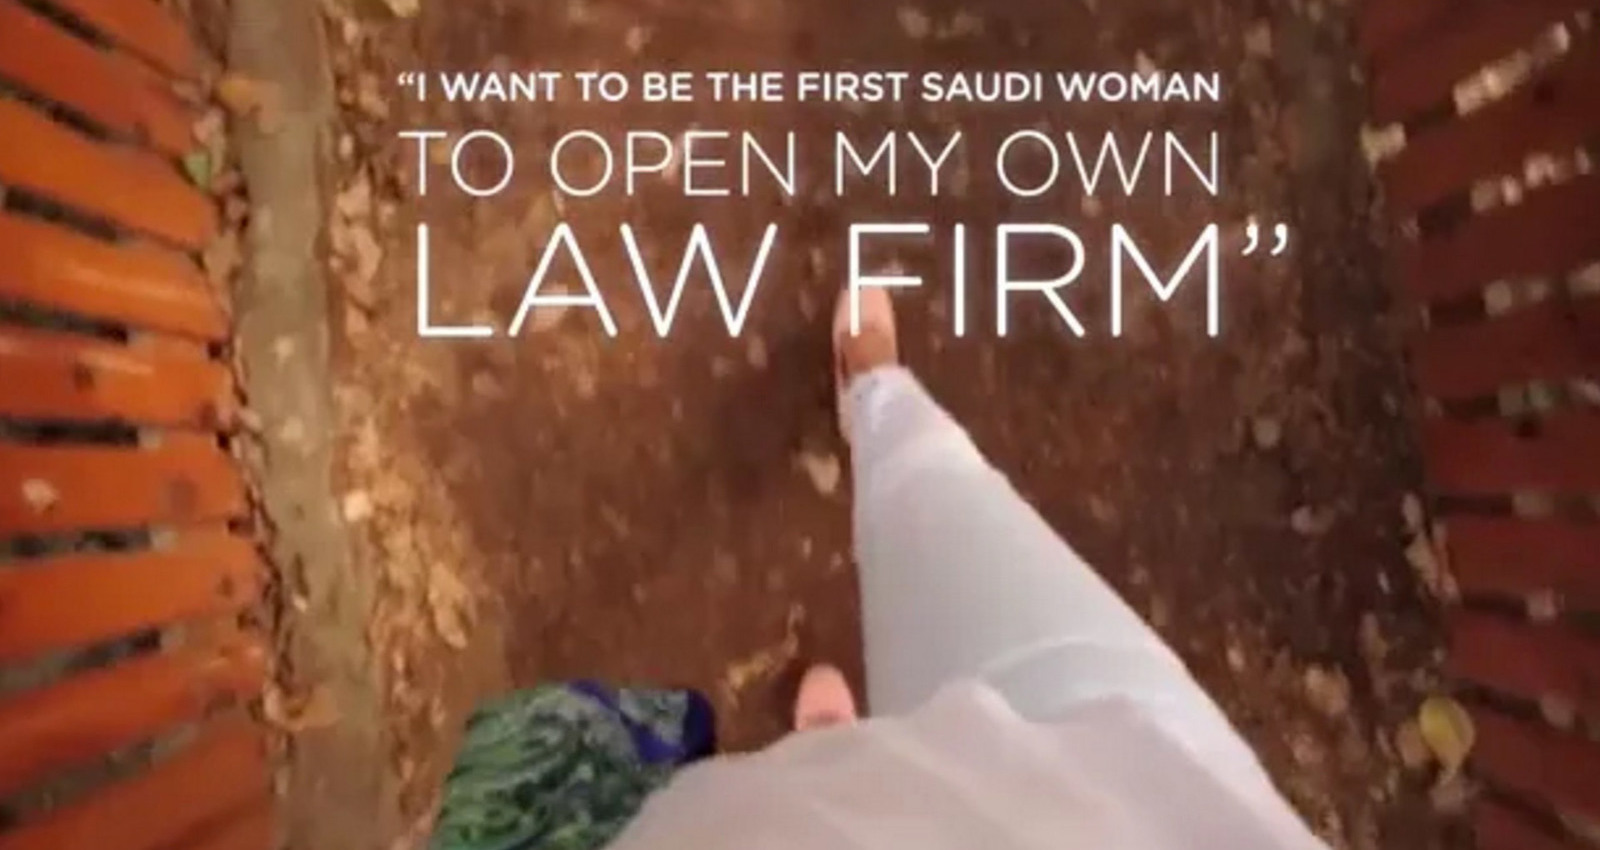 Saudi Women's Online March